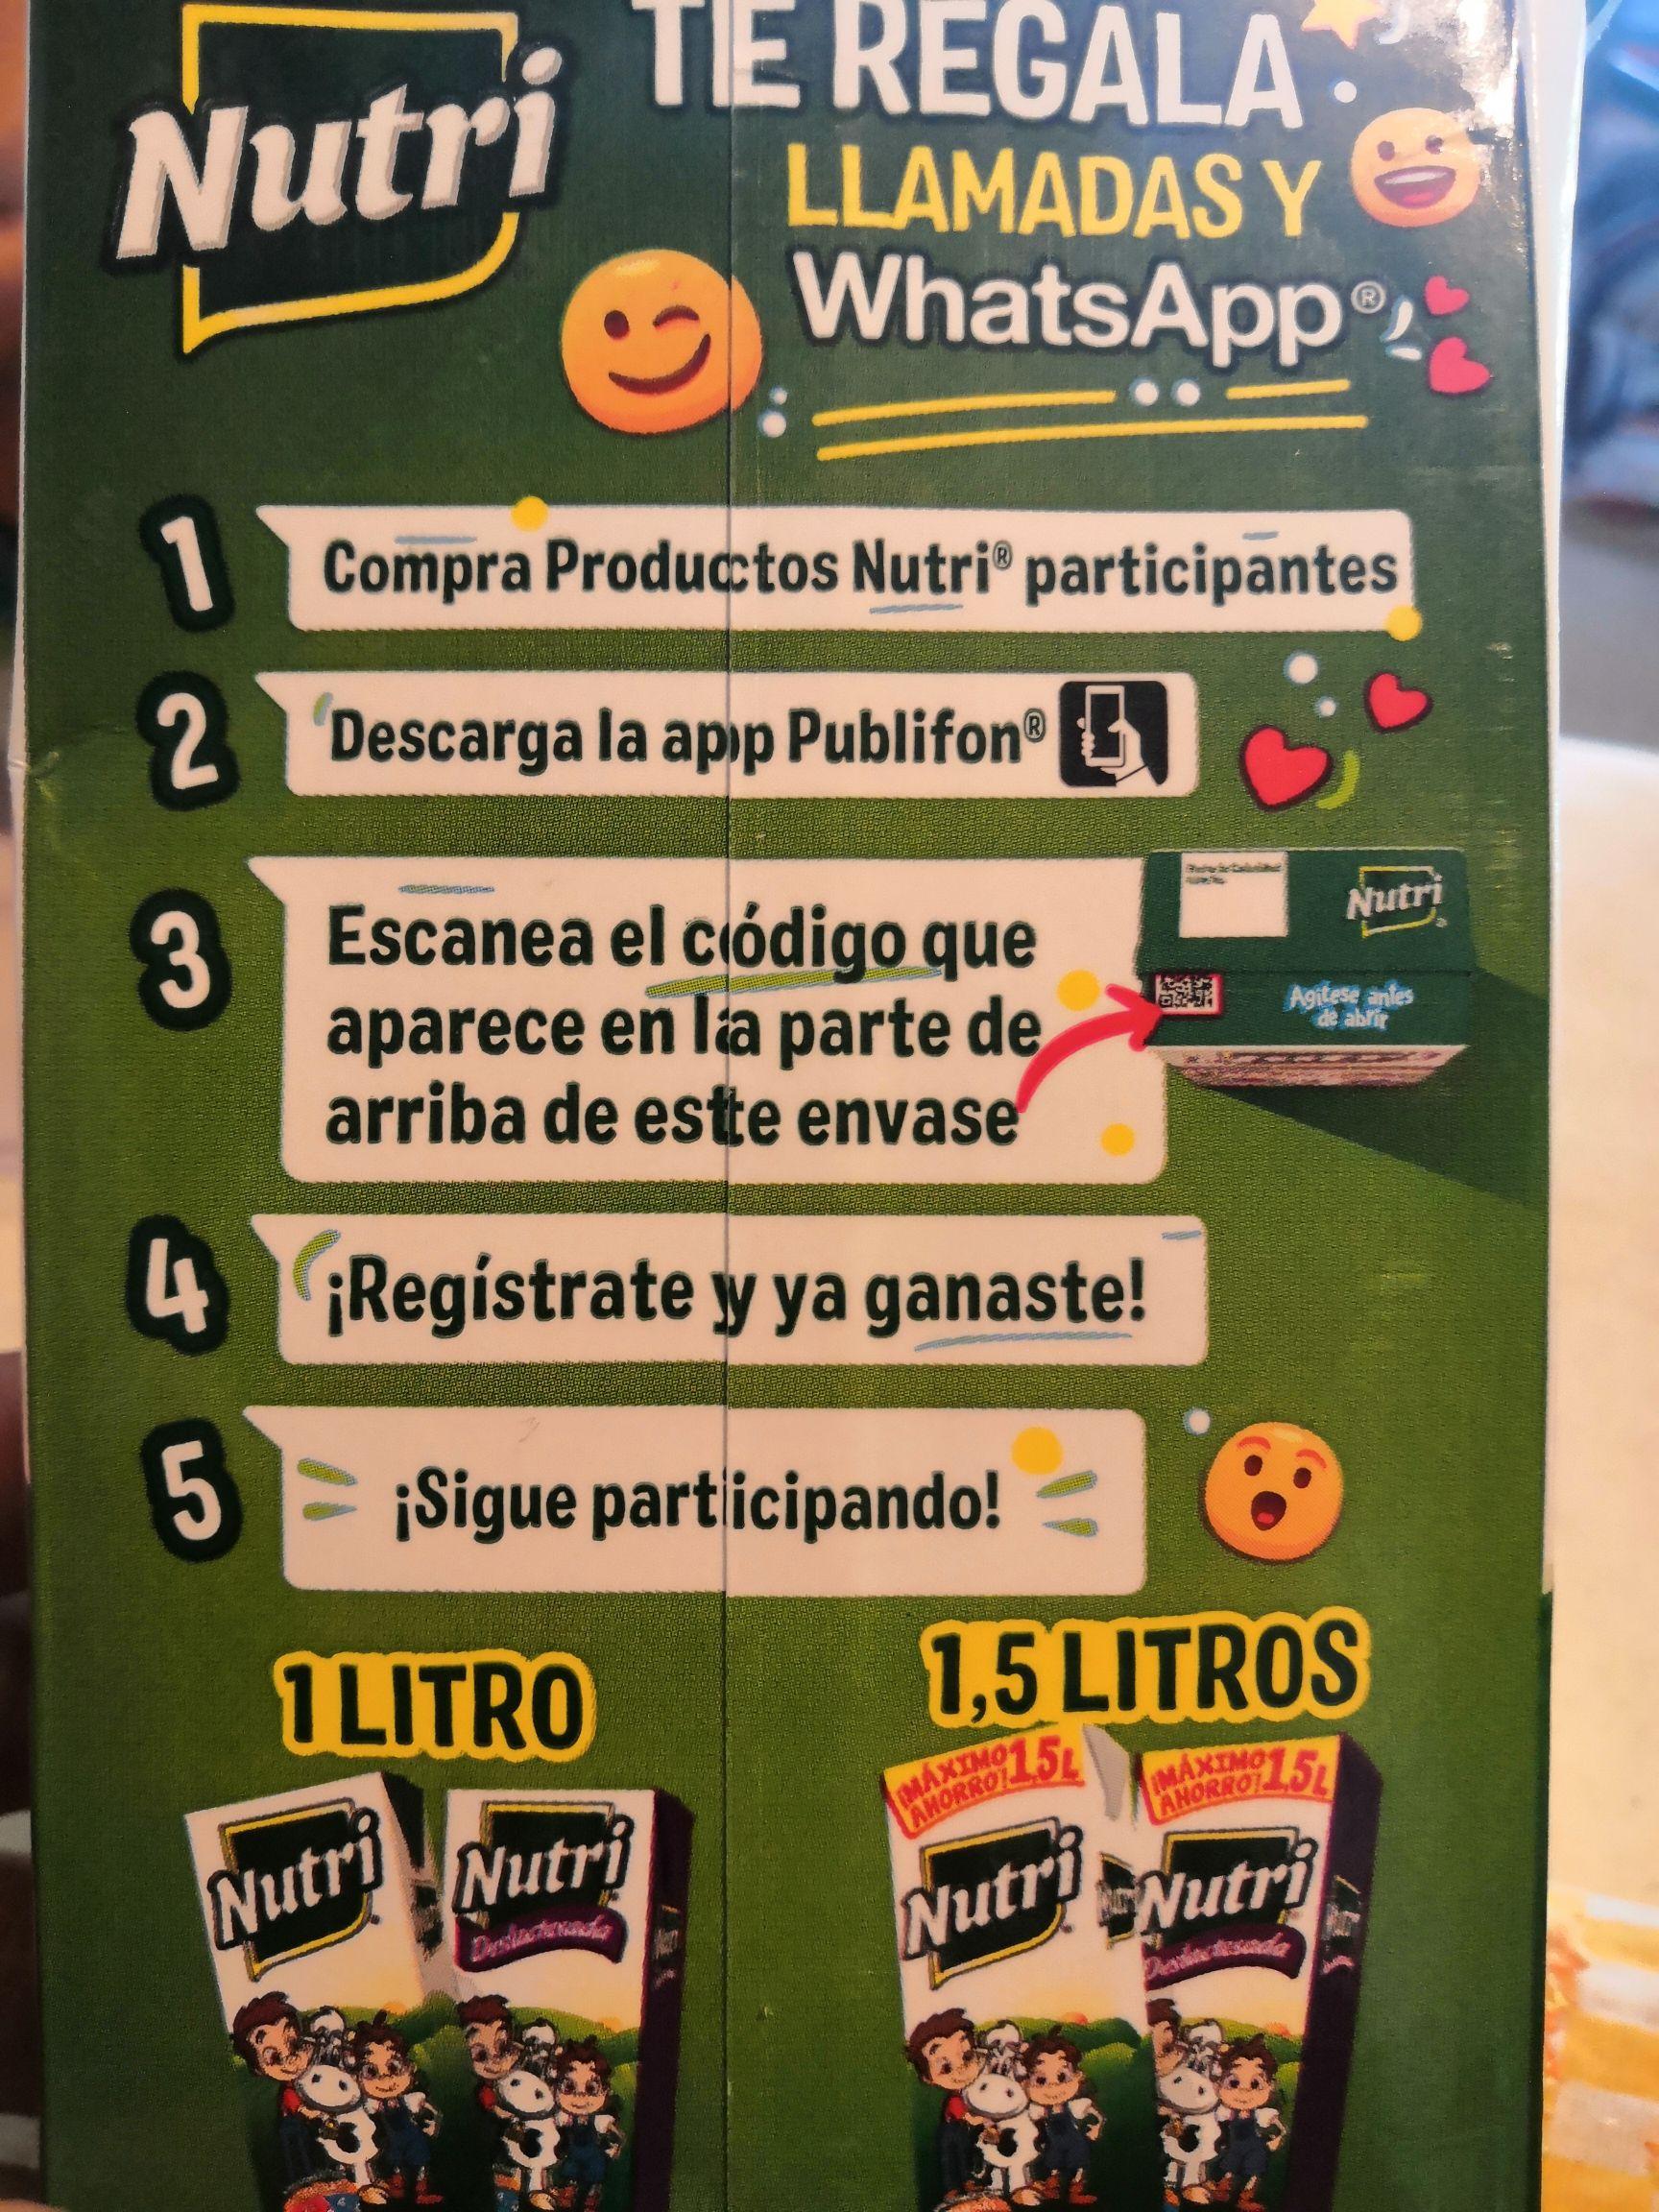 Llamadas o whatsapp gratis con nutri ( 8 o 12 horas)